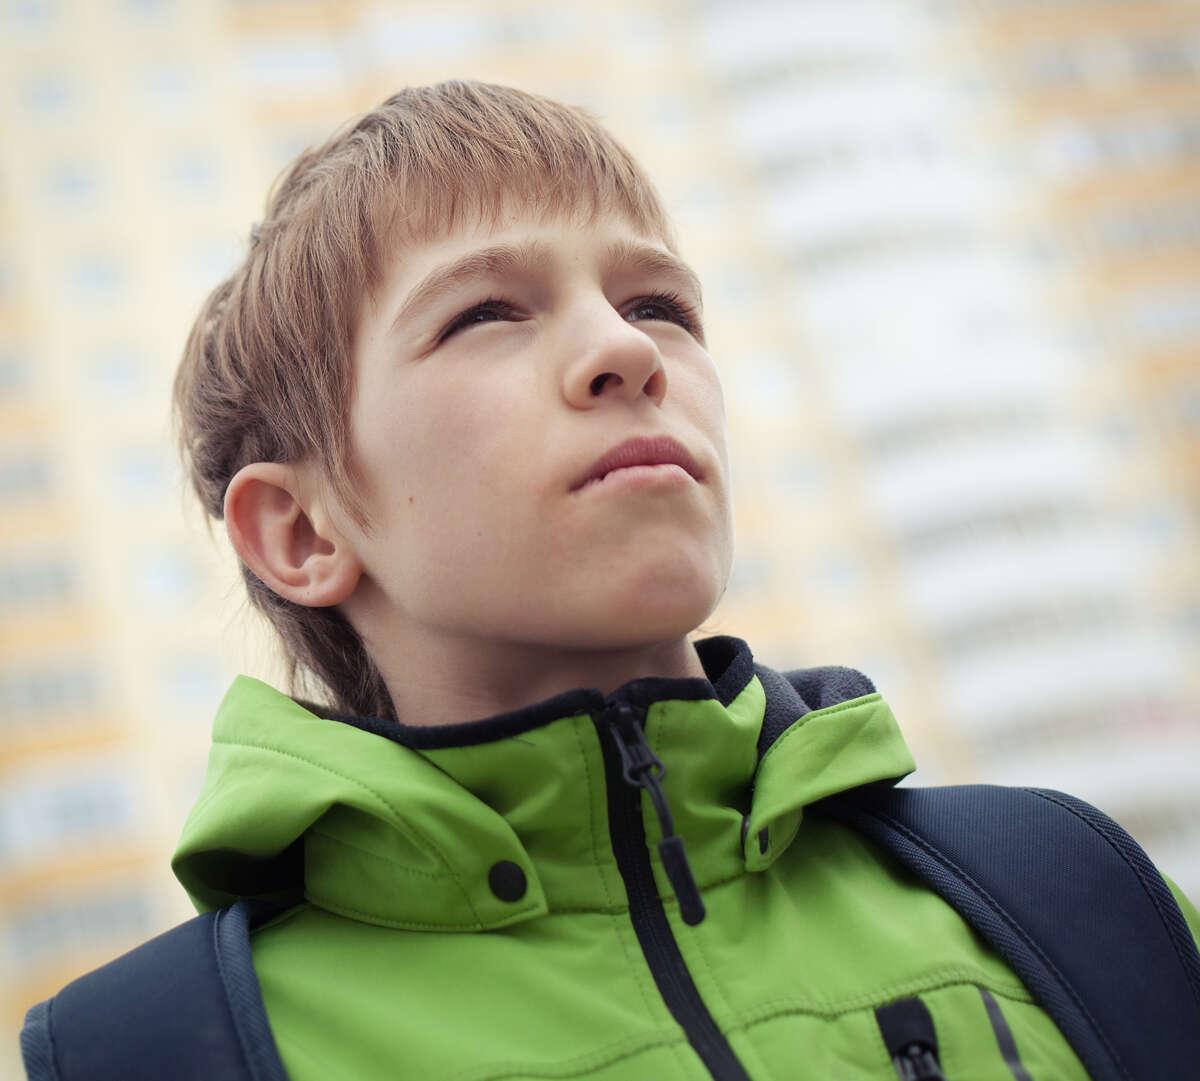 Portrait of teenager, outdoor